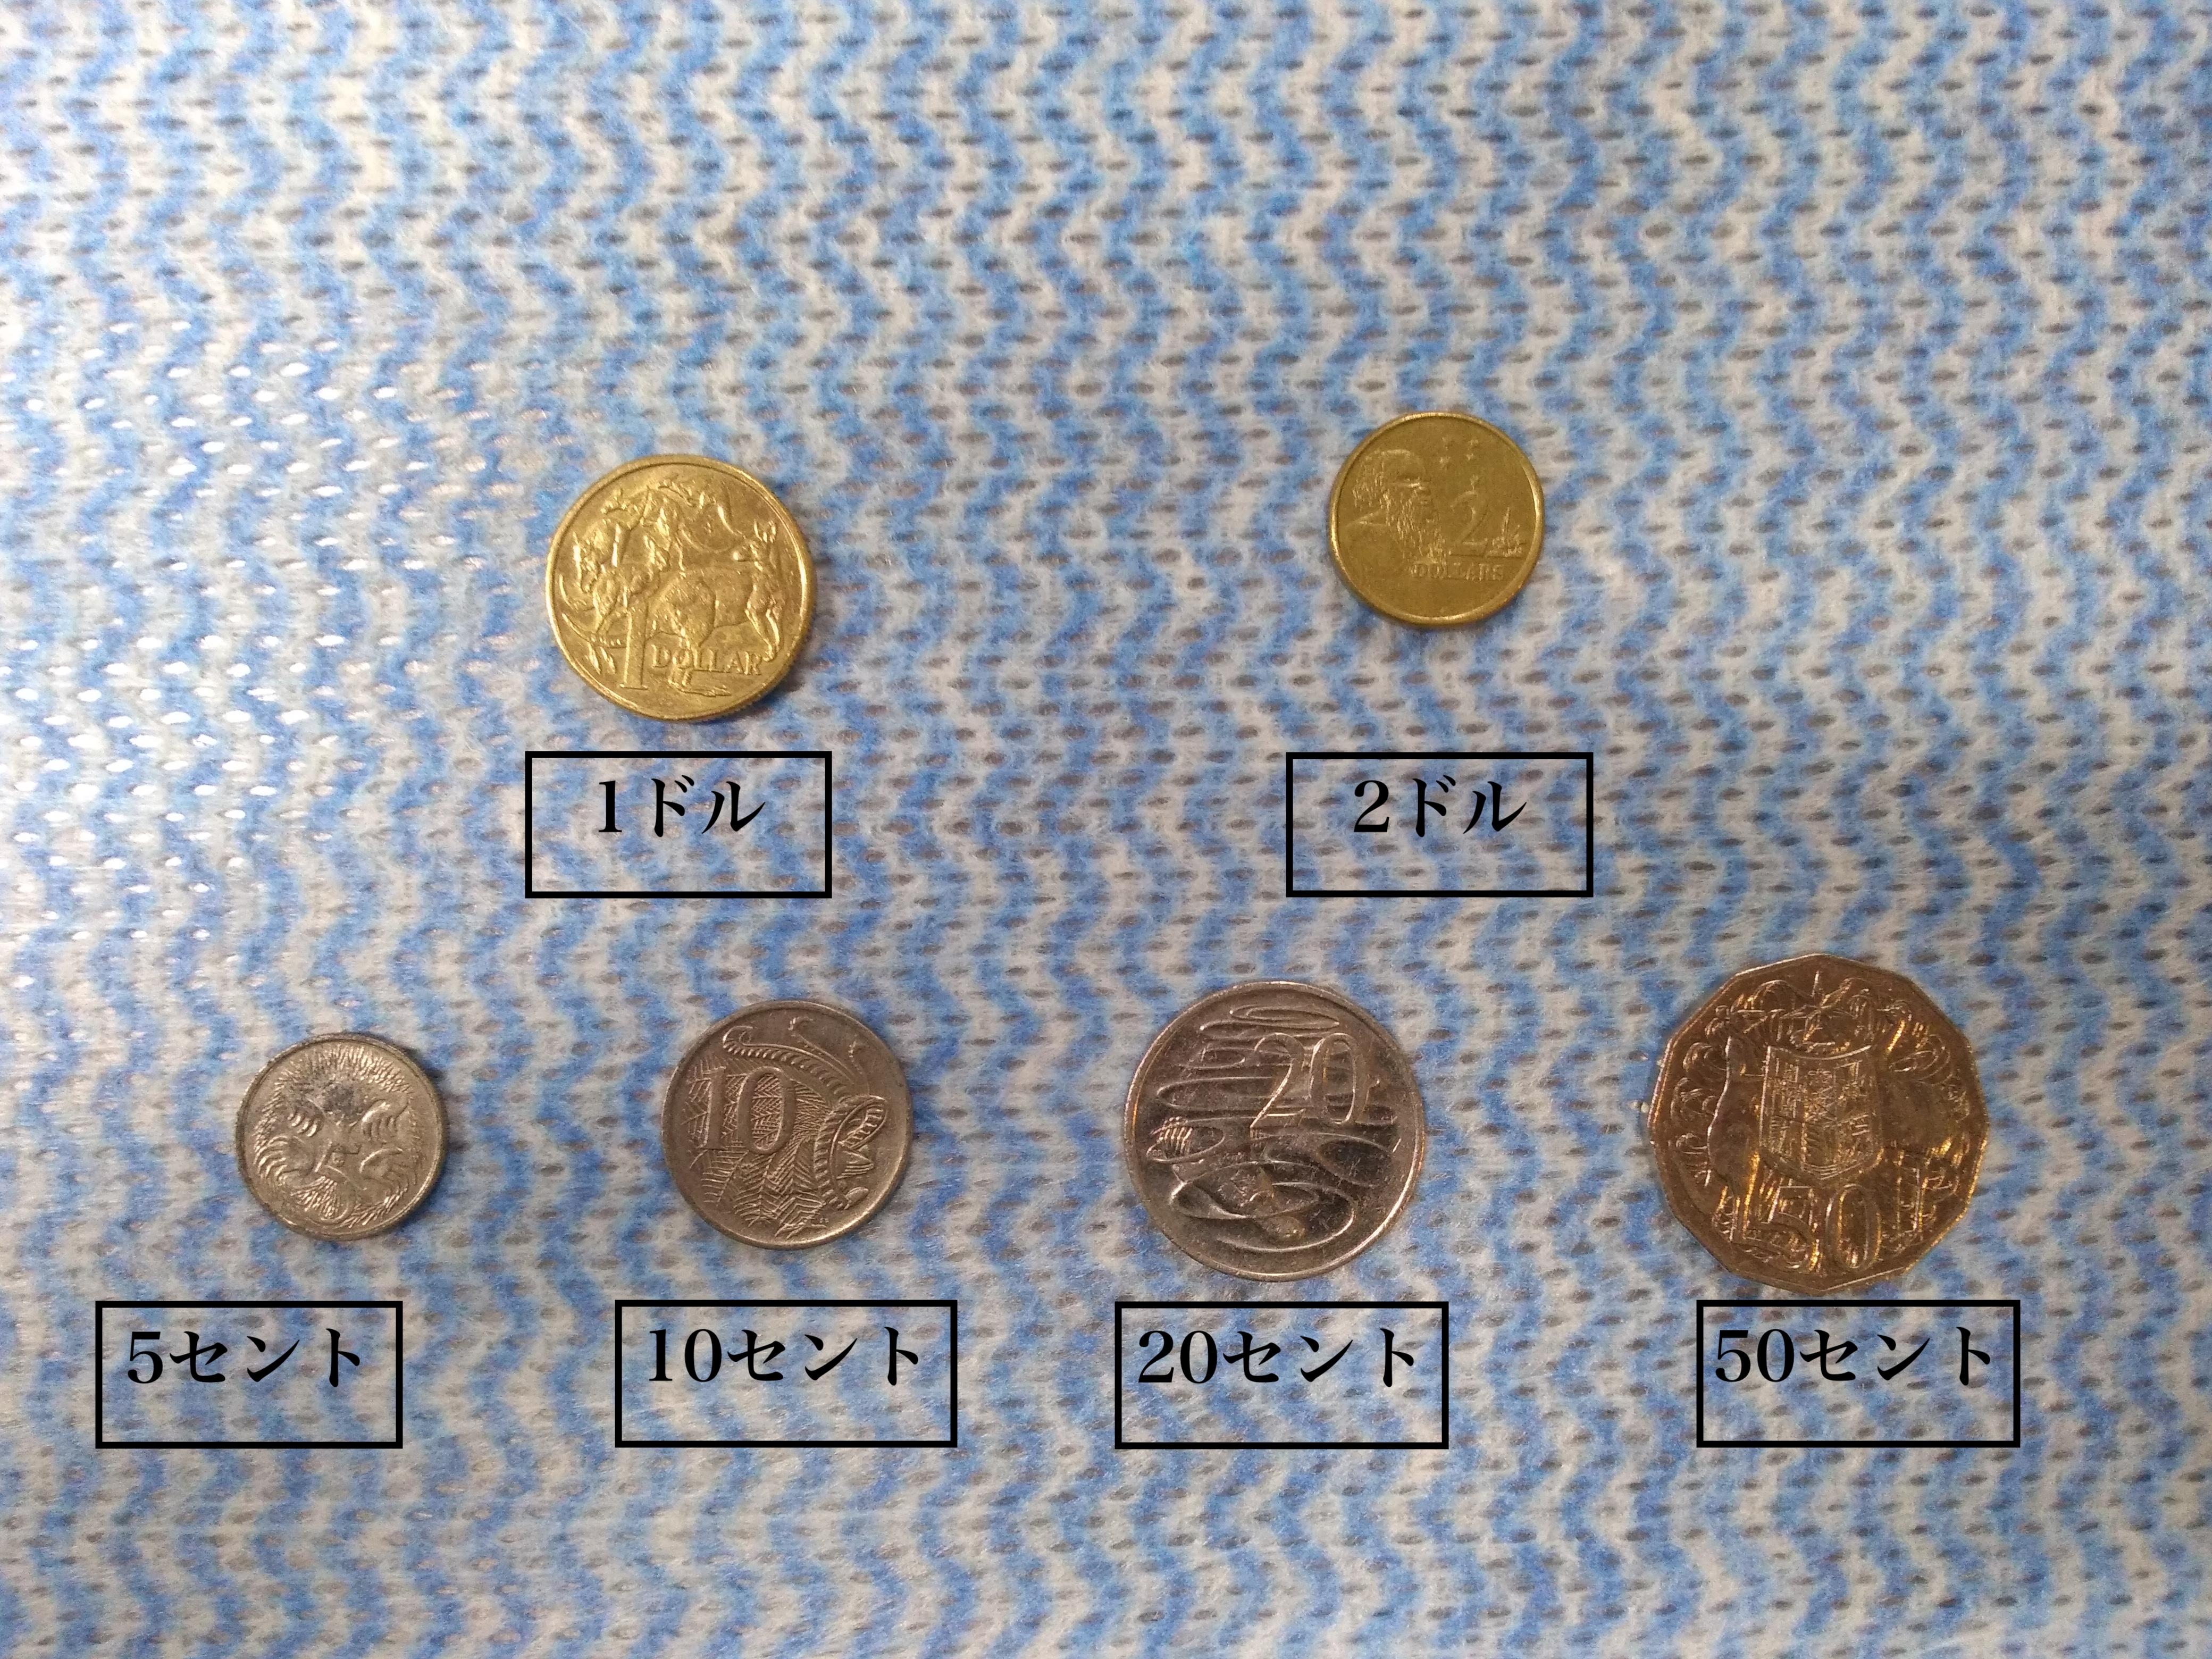 ドル 日本 円 20